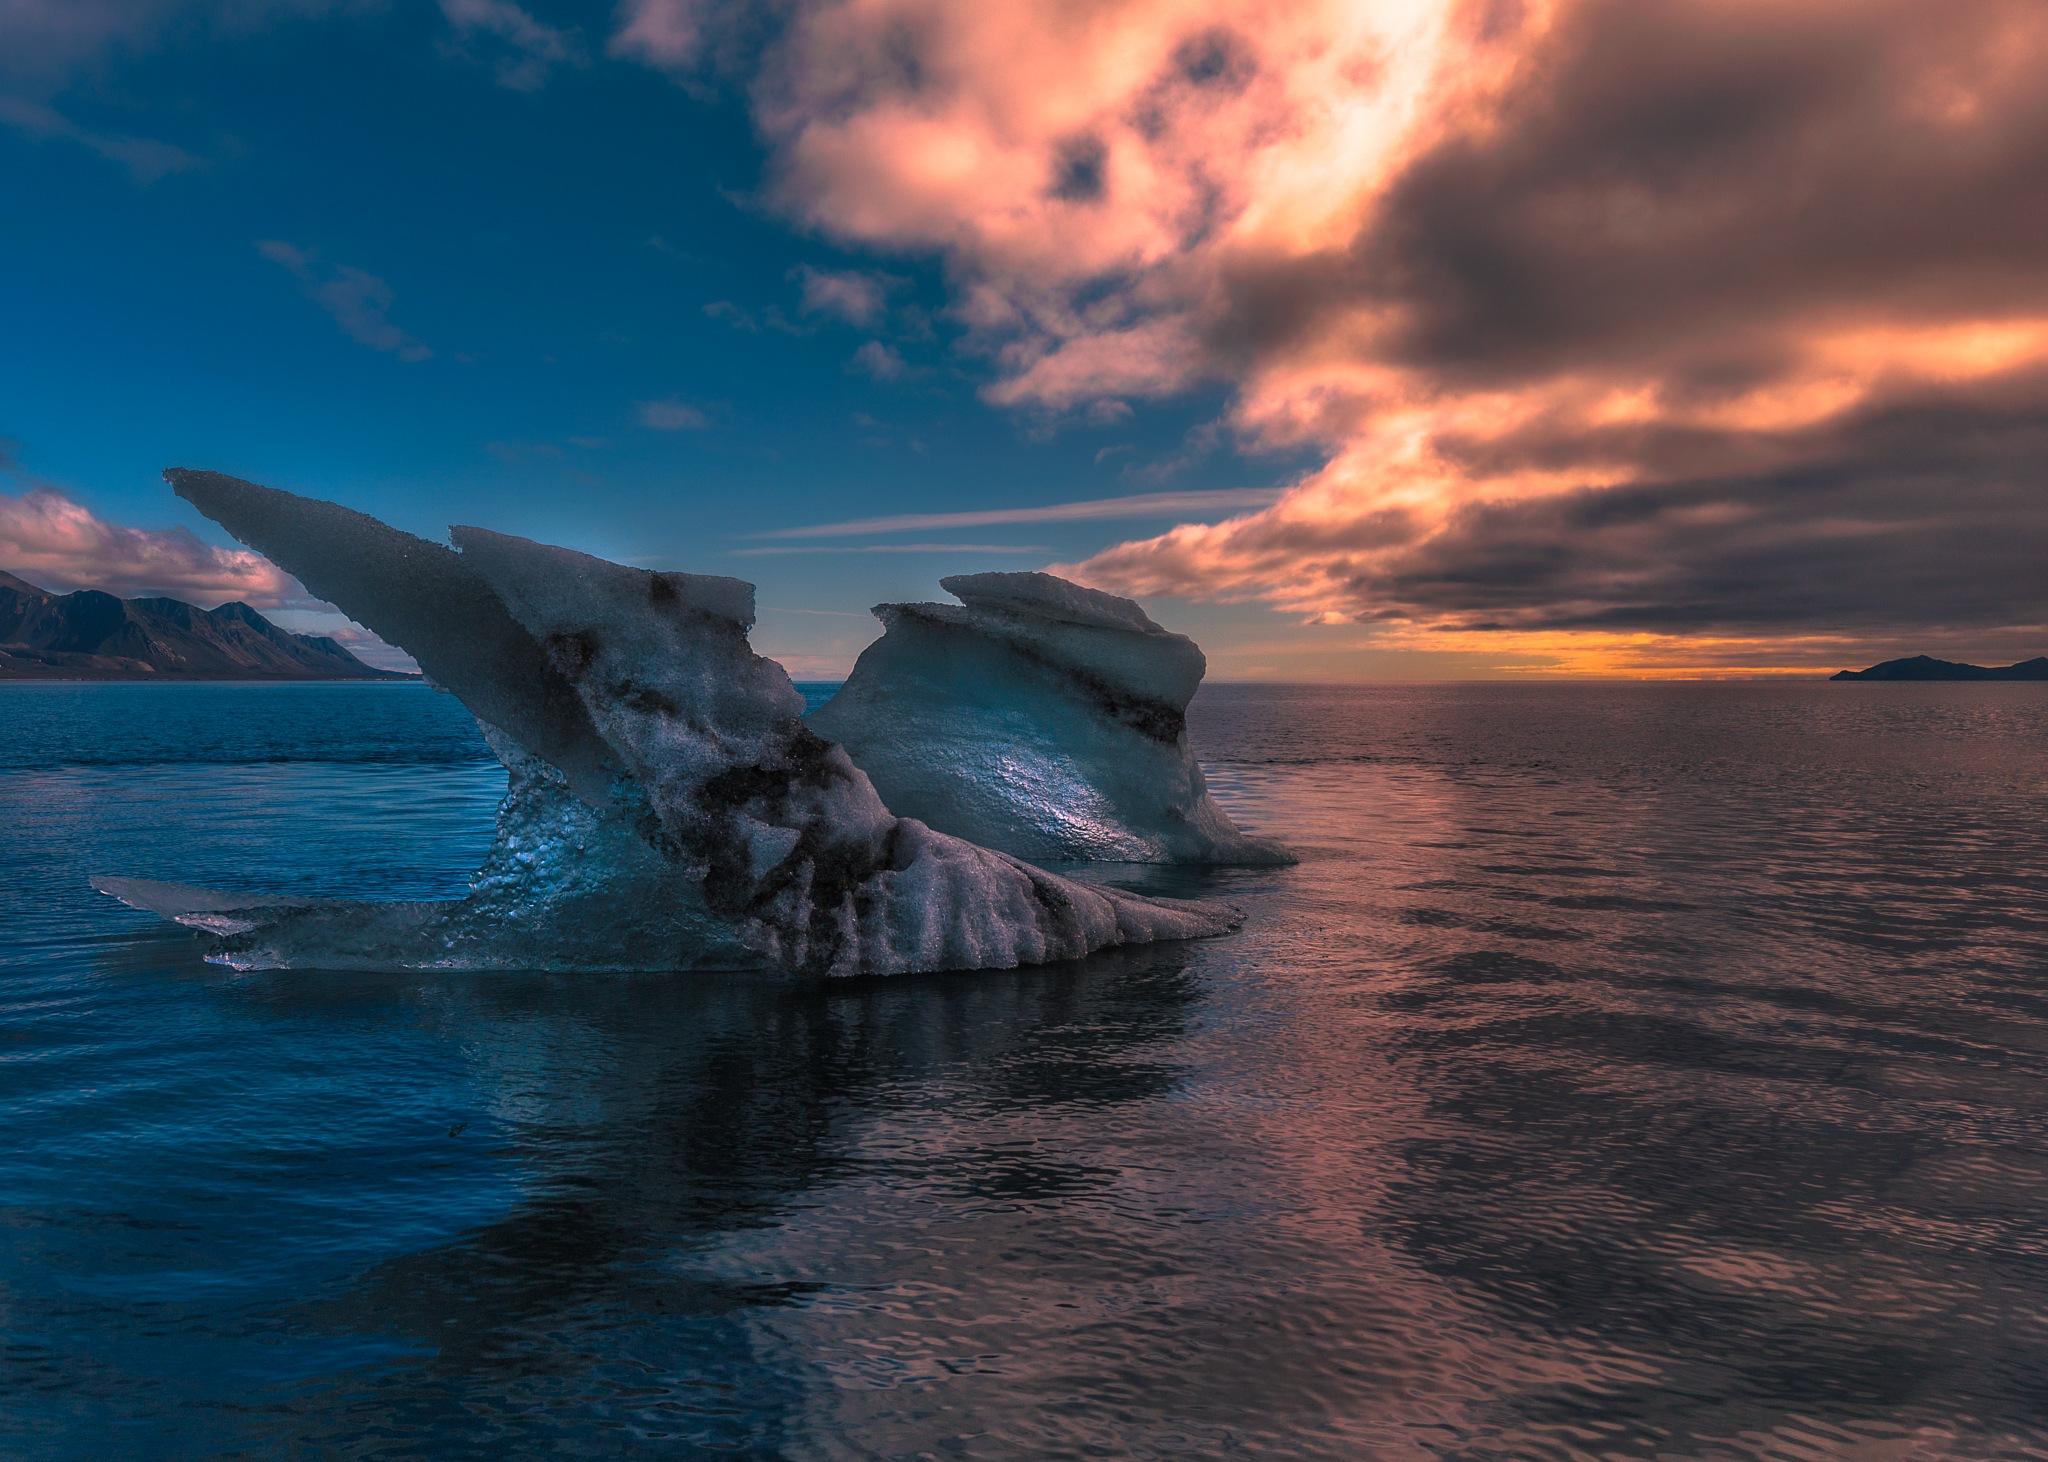 Iceberg Sunset by Terje Nilssen